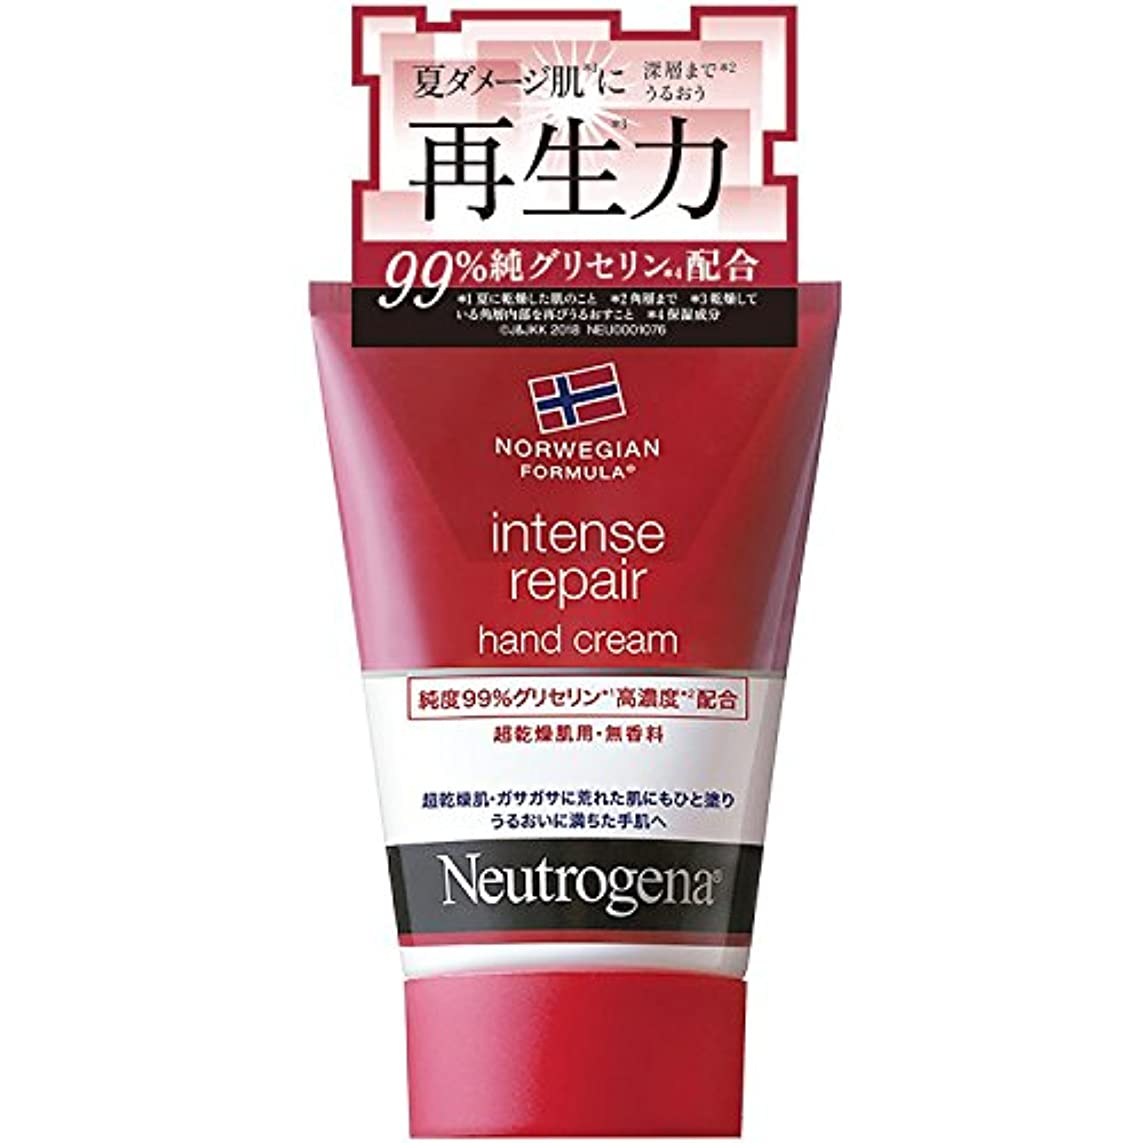 不安定できれば反逆Neutrogena(ニュートロジーナ) ノルウェーフォーミュラ インテンスリペア ハンドクリーム 超乾燥肌用 無香料 単品 50g